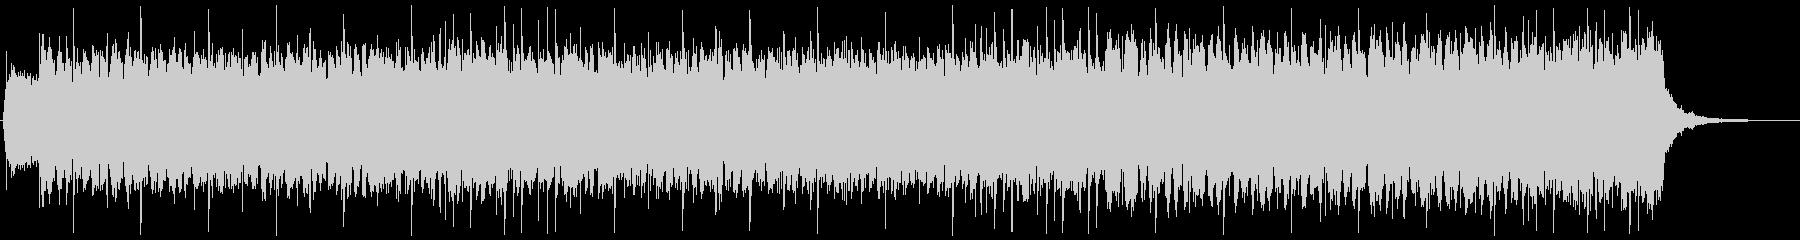 闇属性ゴシック・ダーク・ロック系BGMの未再生の波形